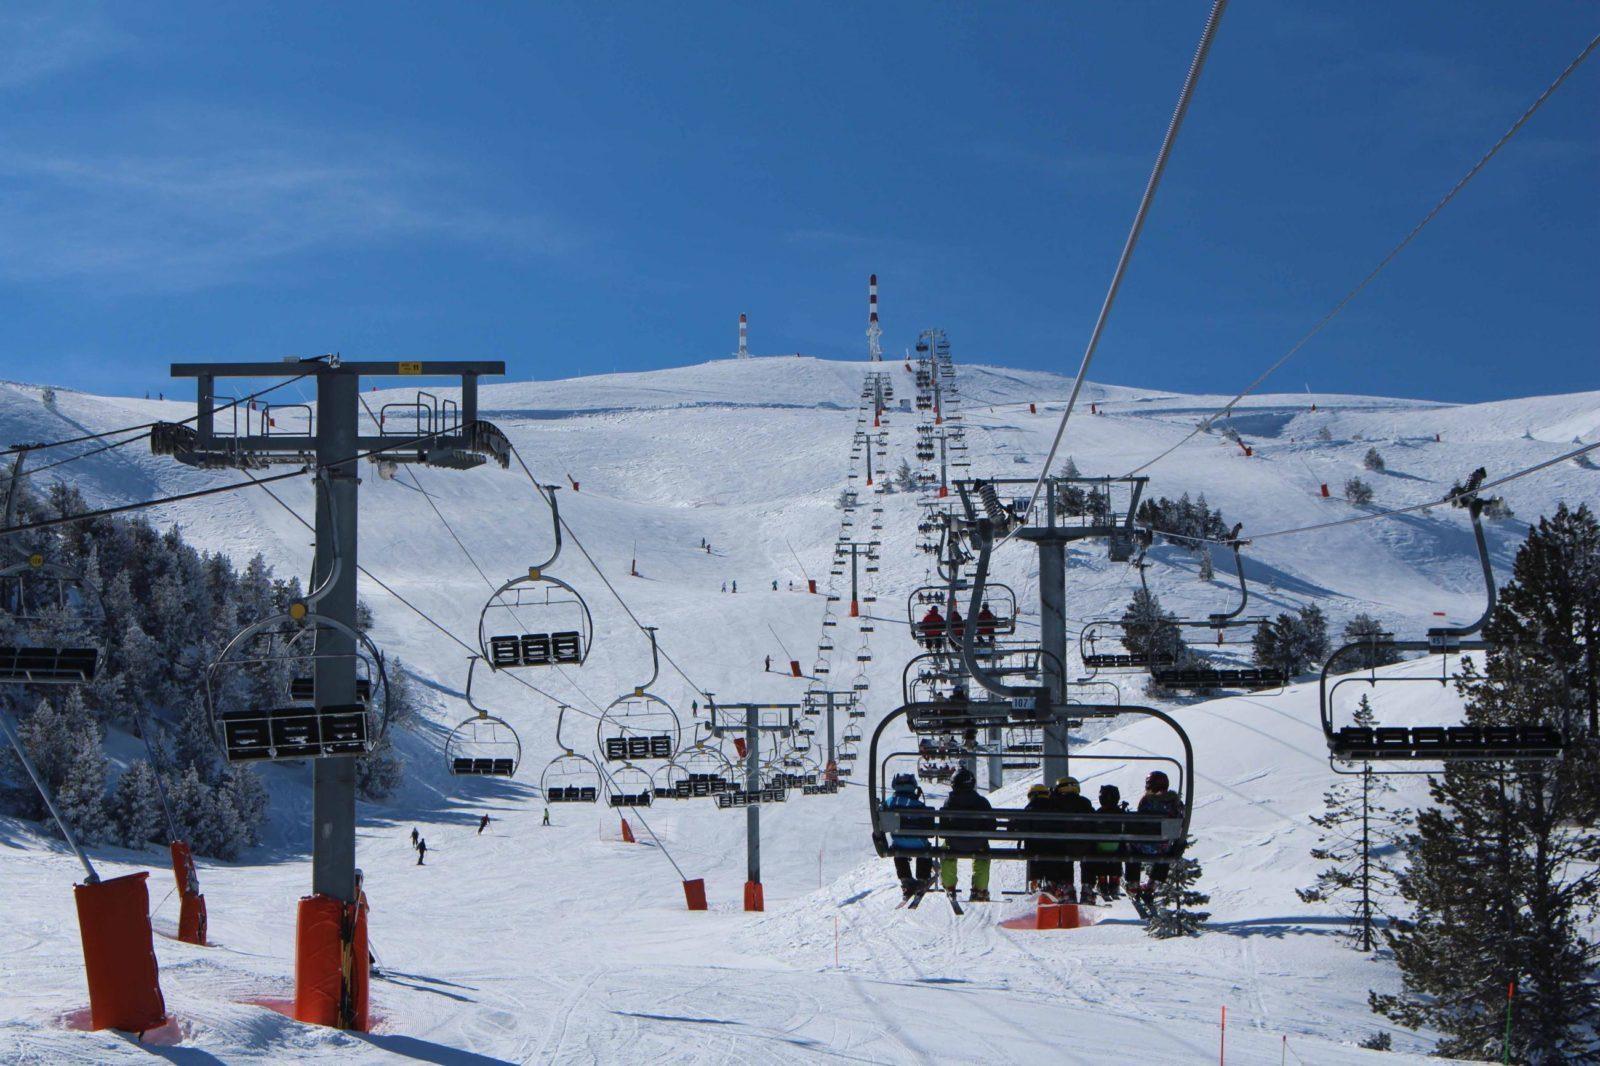 ski en barcelona, espot ski slopes. Ski near Barcelona